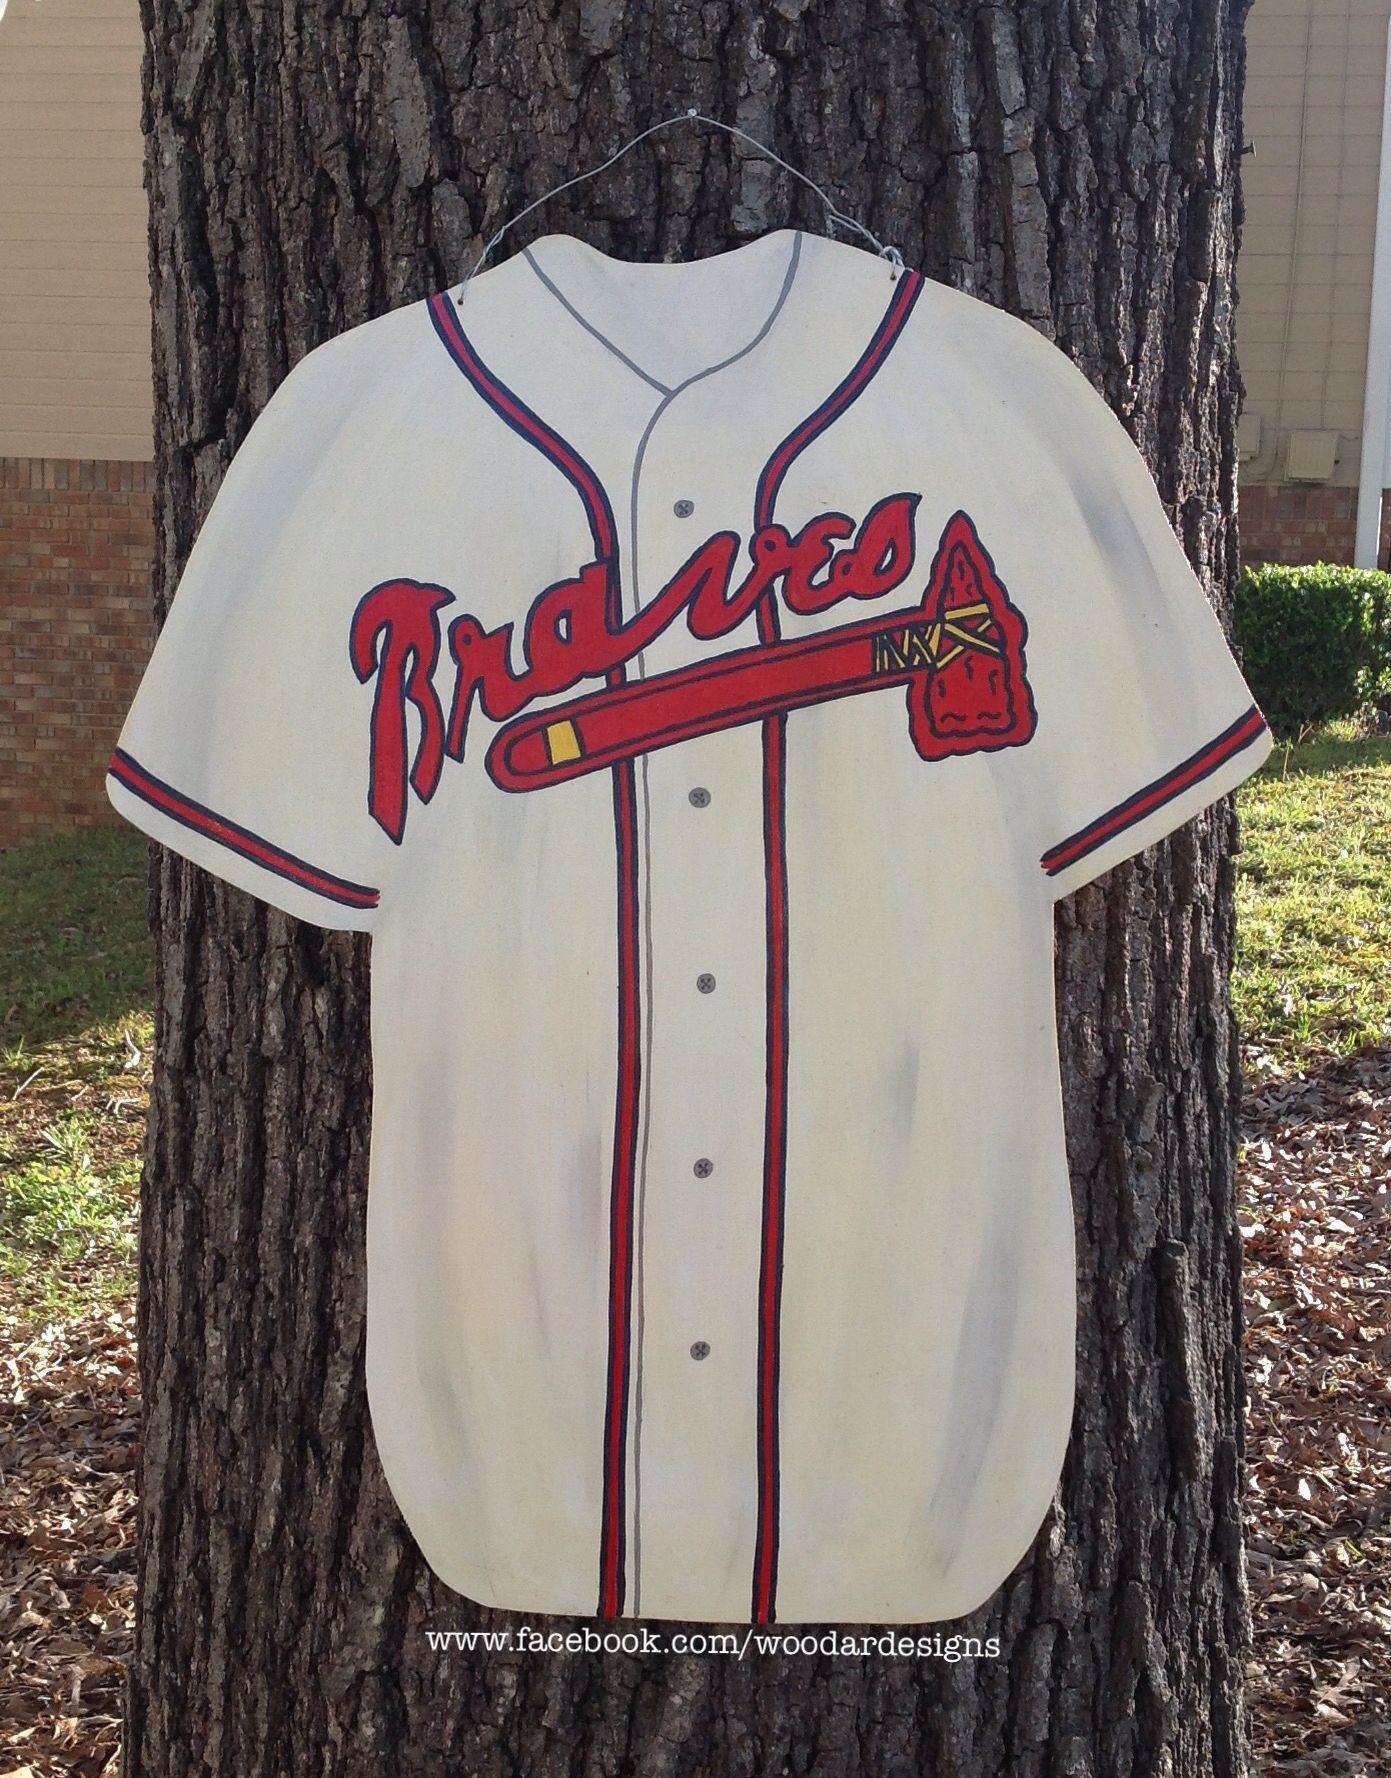 Atlanta Braves Baseball Jersey Wooden Door Hanger Www Facebook Com Woodardesigns Wooden Door Hangers Door Hangers Burlap Door Hangers